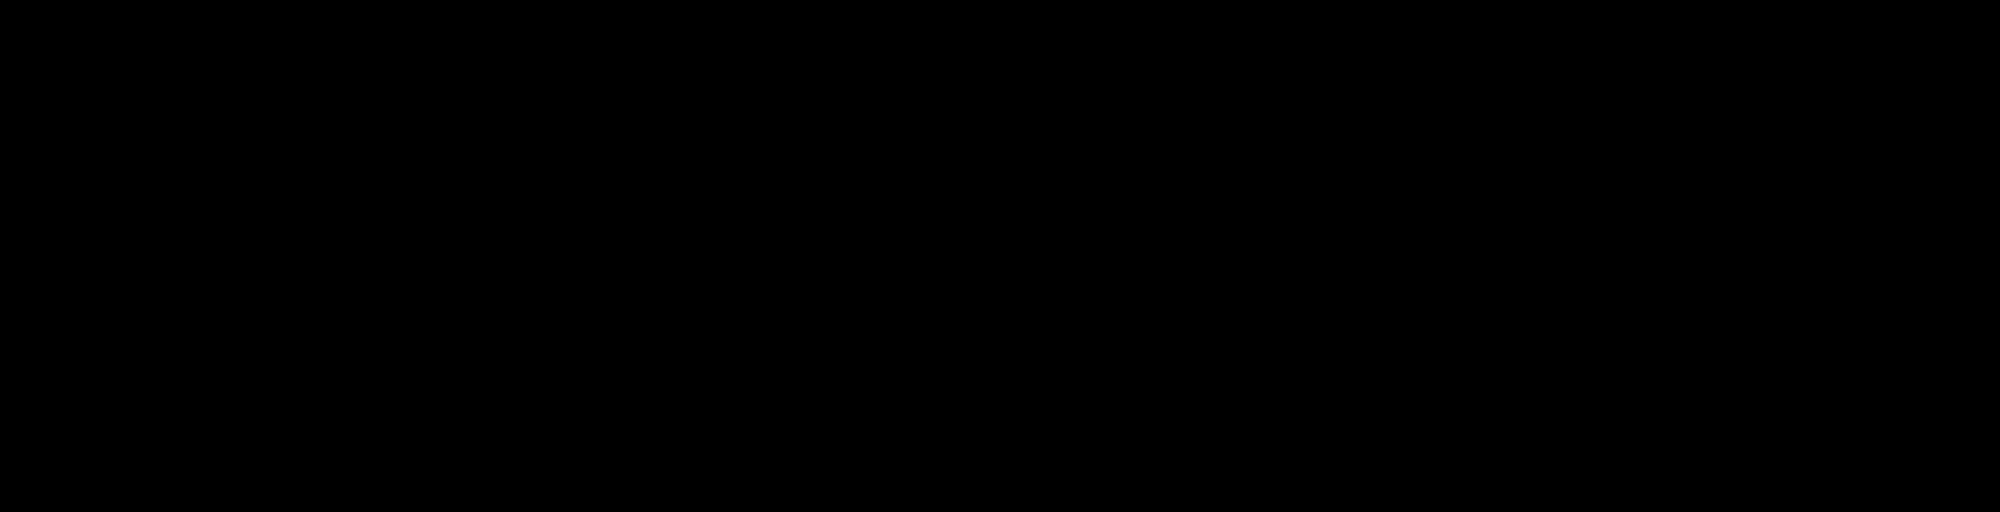 Calvin_Klein_Underwear_logo.png